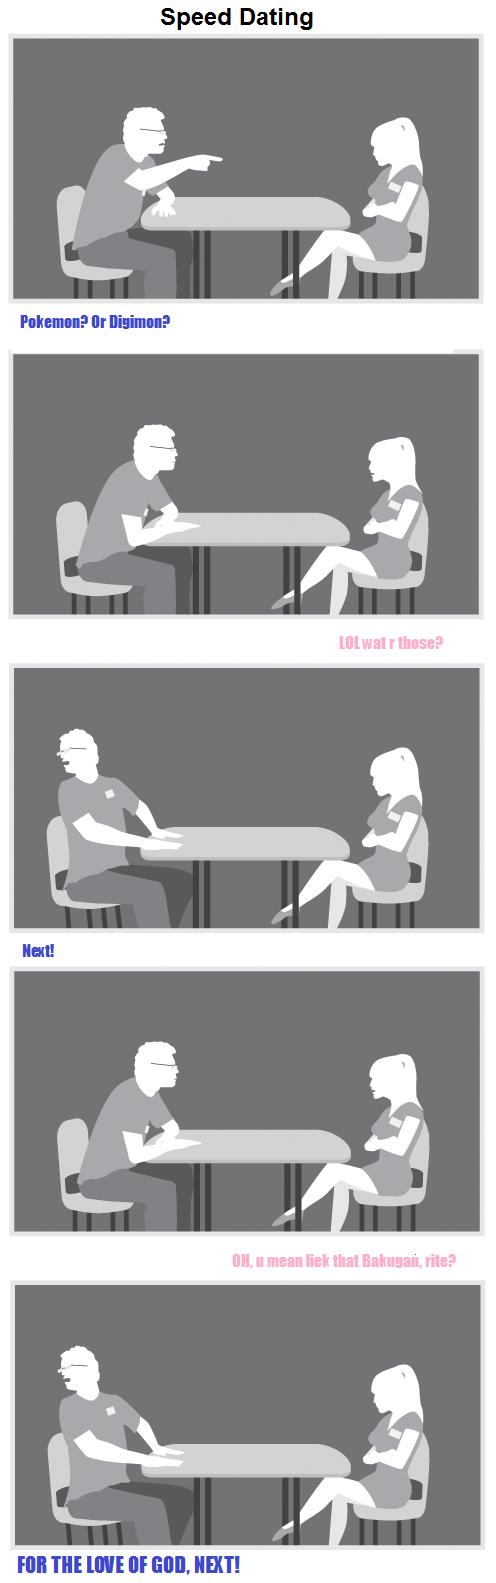 Jos olet yksi dating Näytä wiki